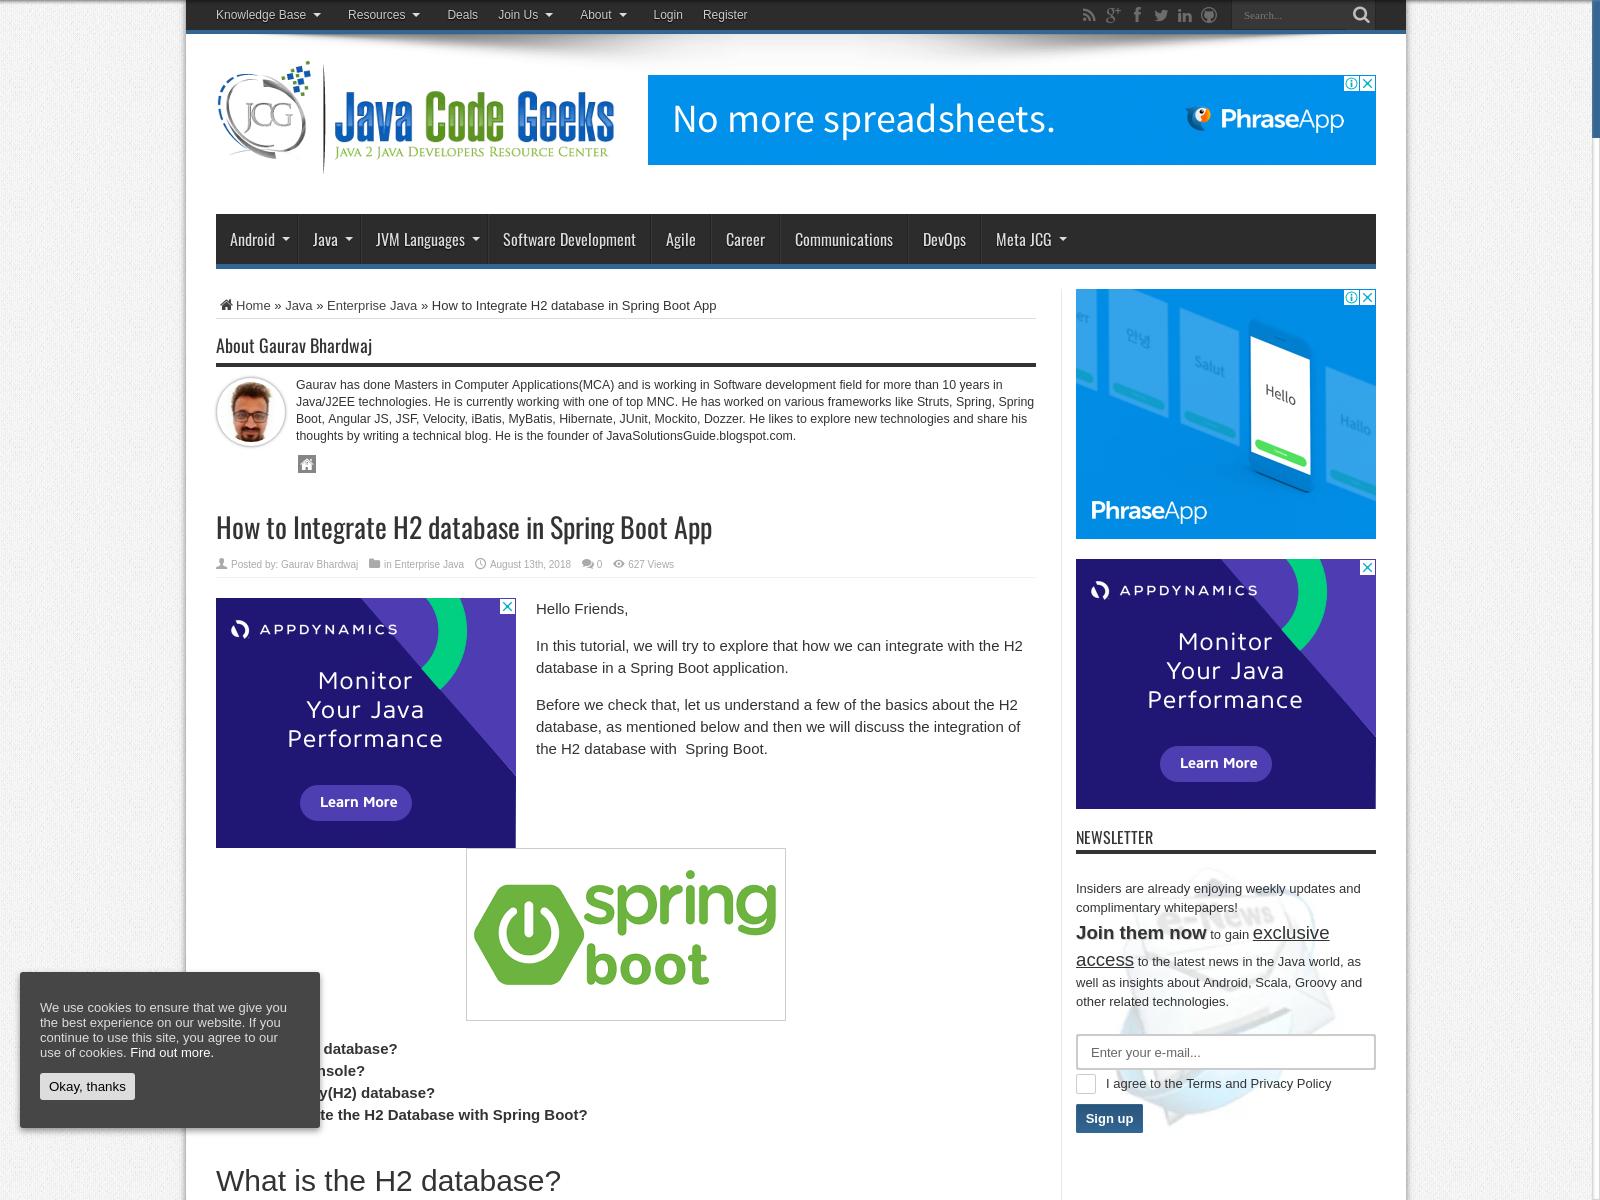 javacodegeeks us4 list-manage com - urlscan io